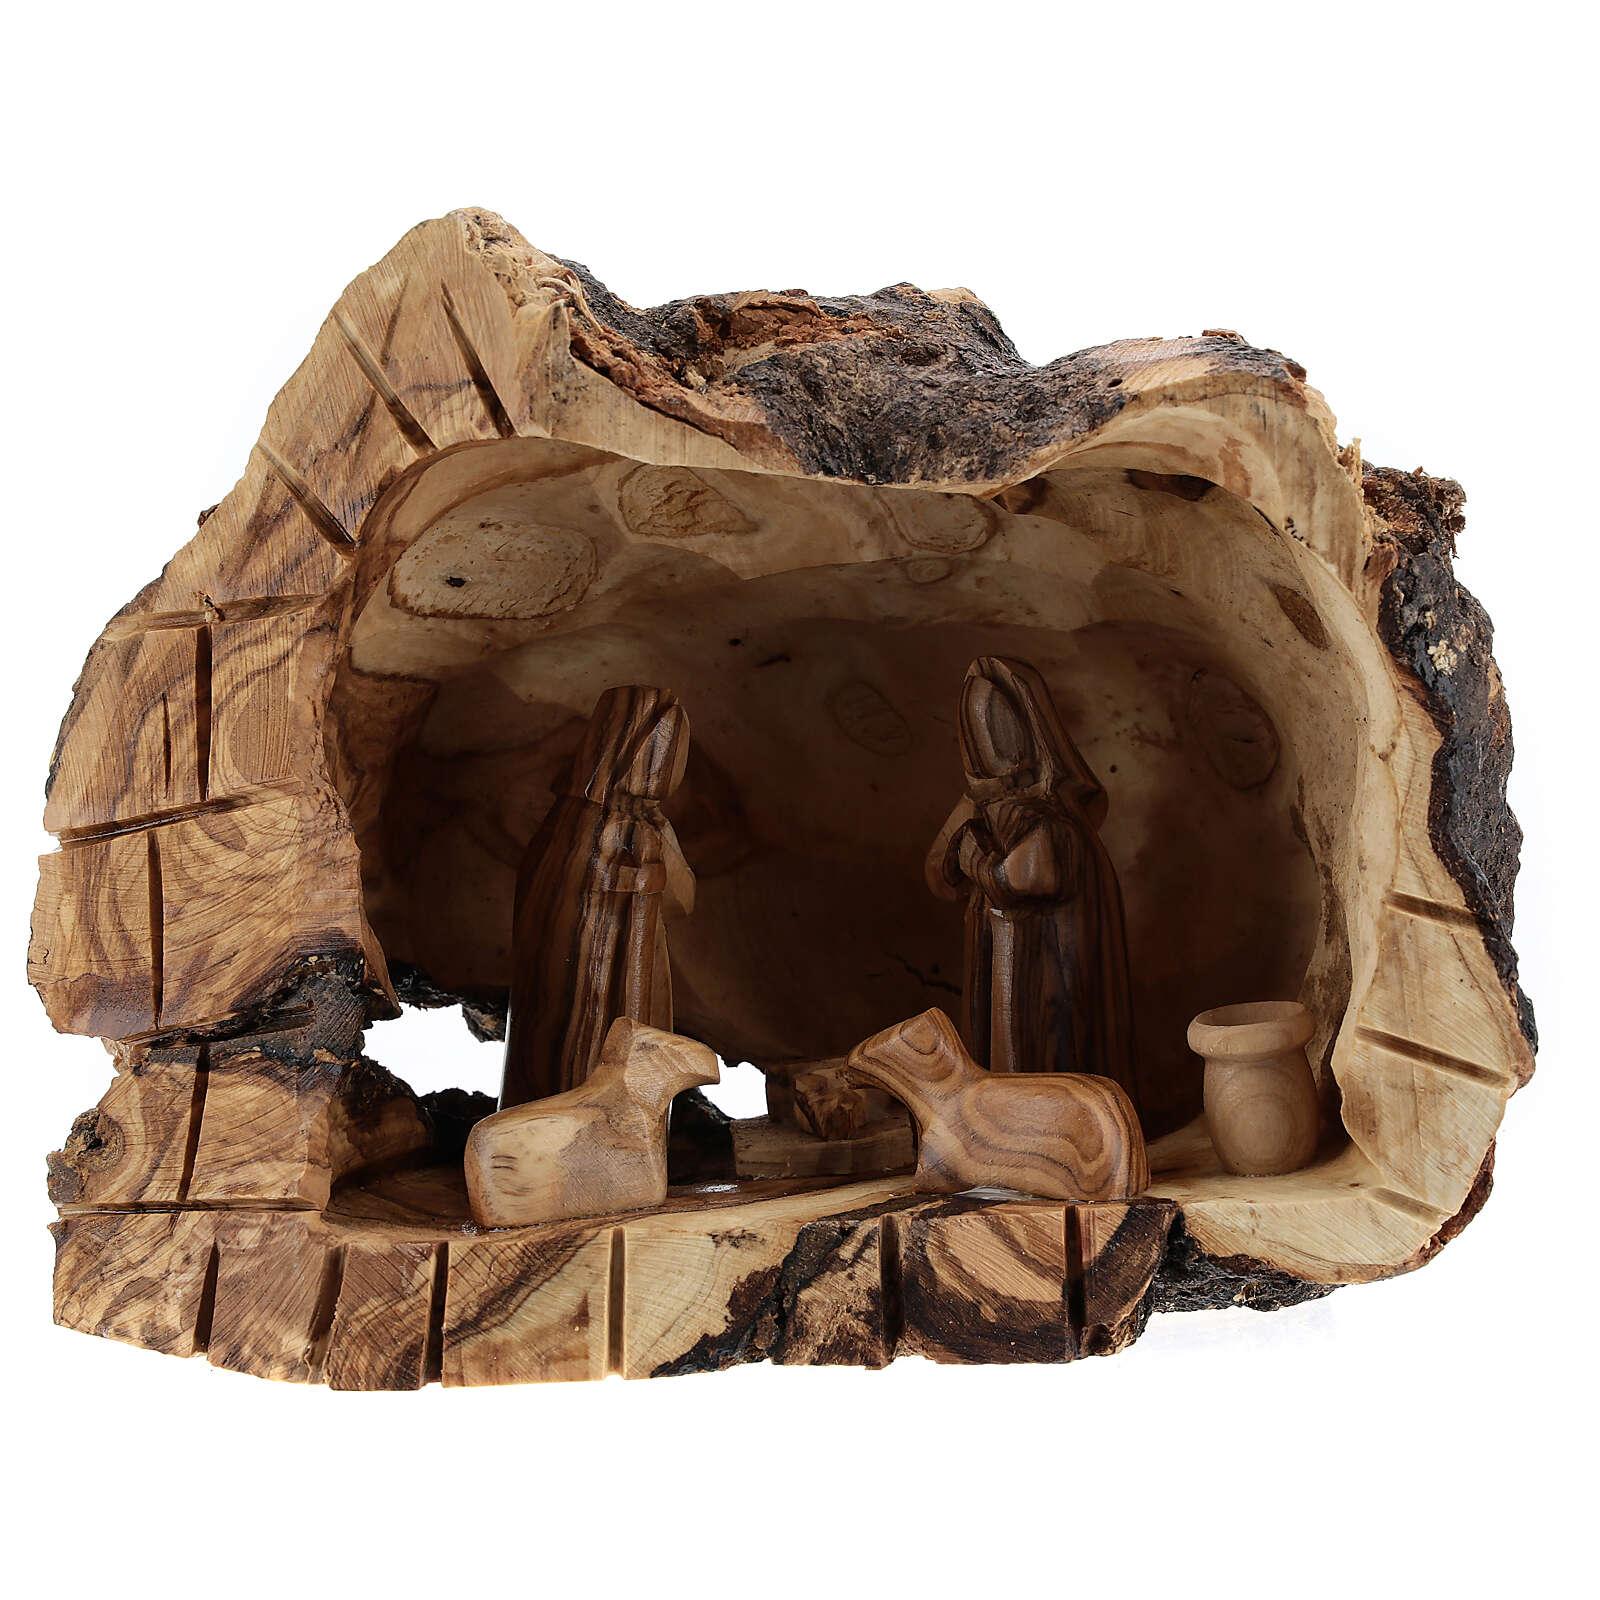 Grotte bois naturel Nativité 6 cm olivier Bethléem 15x20x10 cm 4